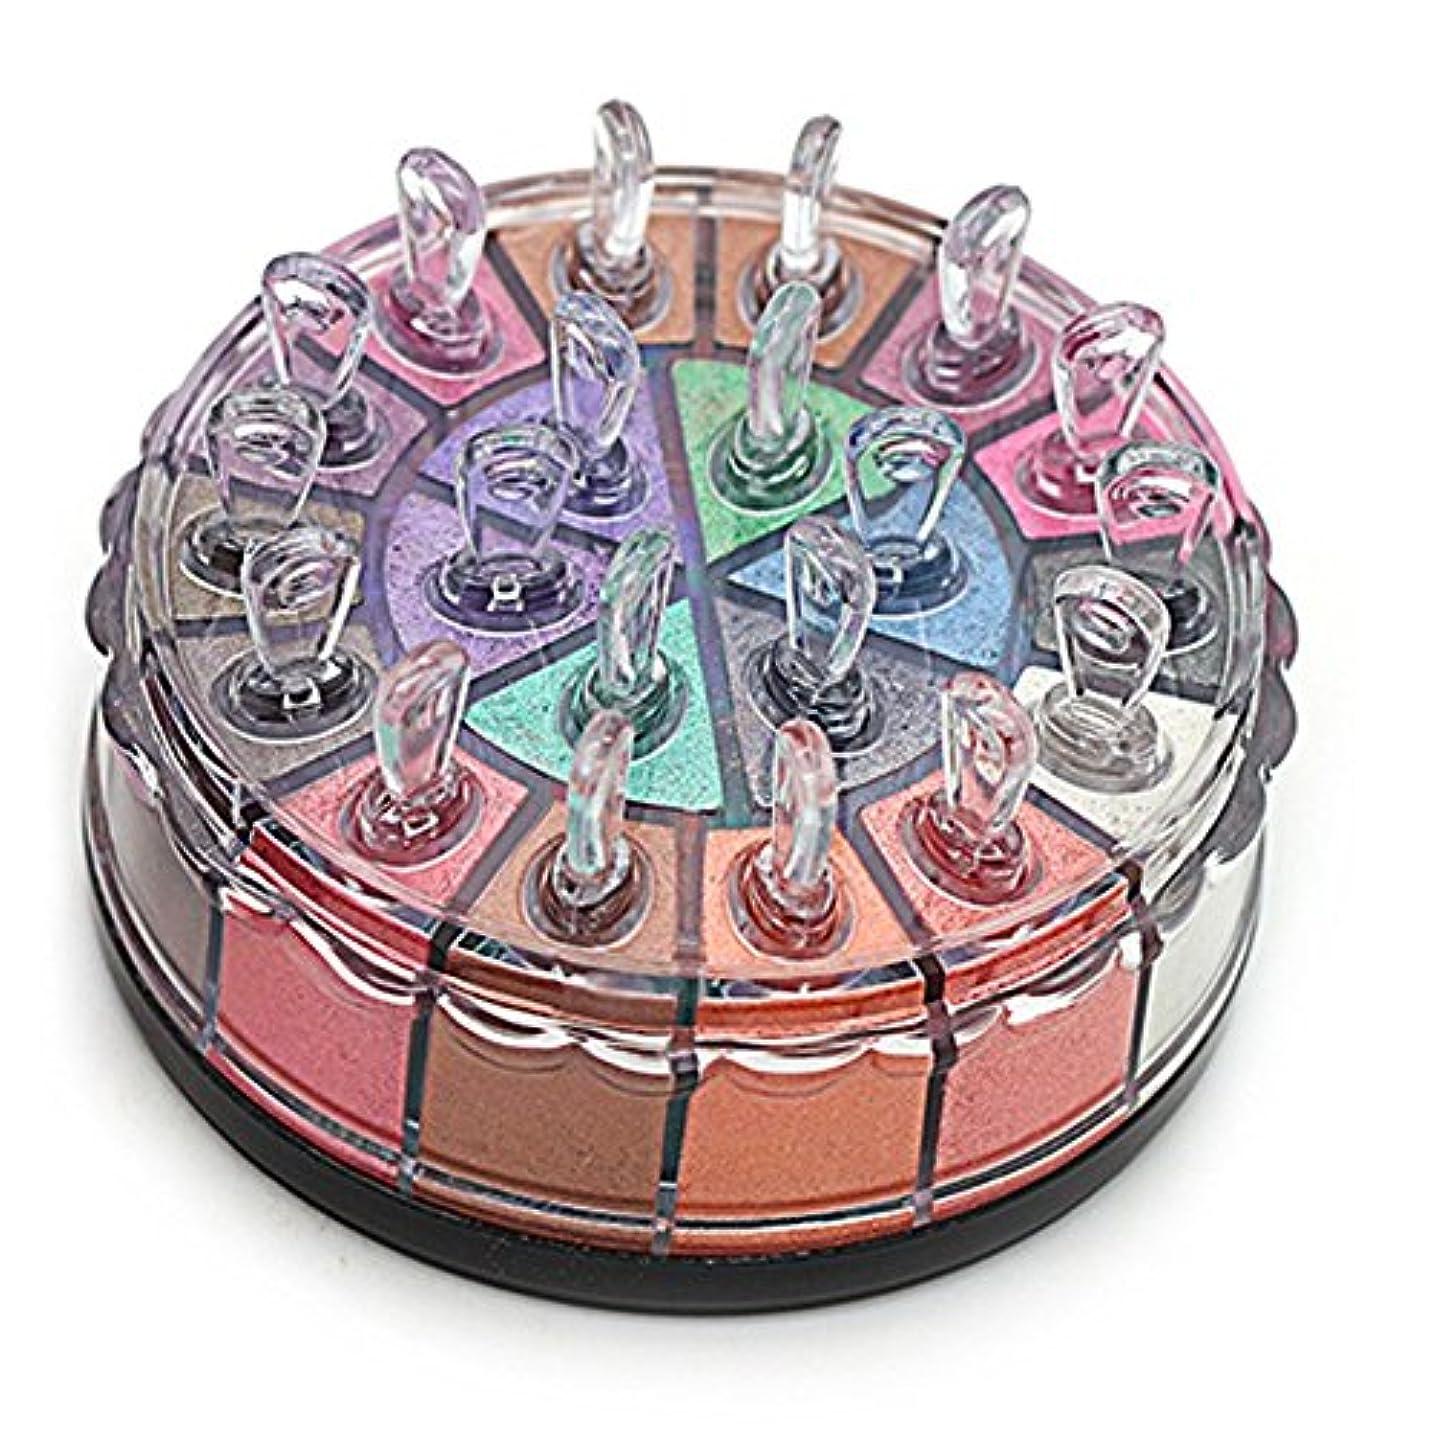 に付ける玉イソギンチャクアイシャドー アイシャドウパ おしゃれ 光沢 20色 アイシャドウ キラキラ 欧米風 ハイライト シェーディング パーティー コスプレ 日常 (タイプーB)